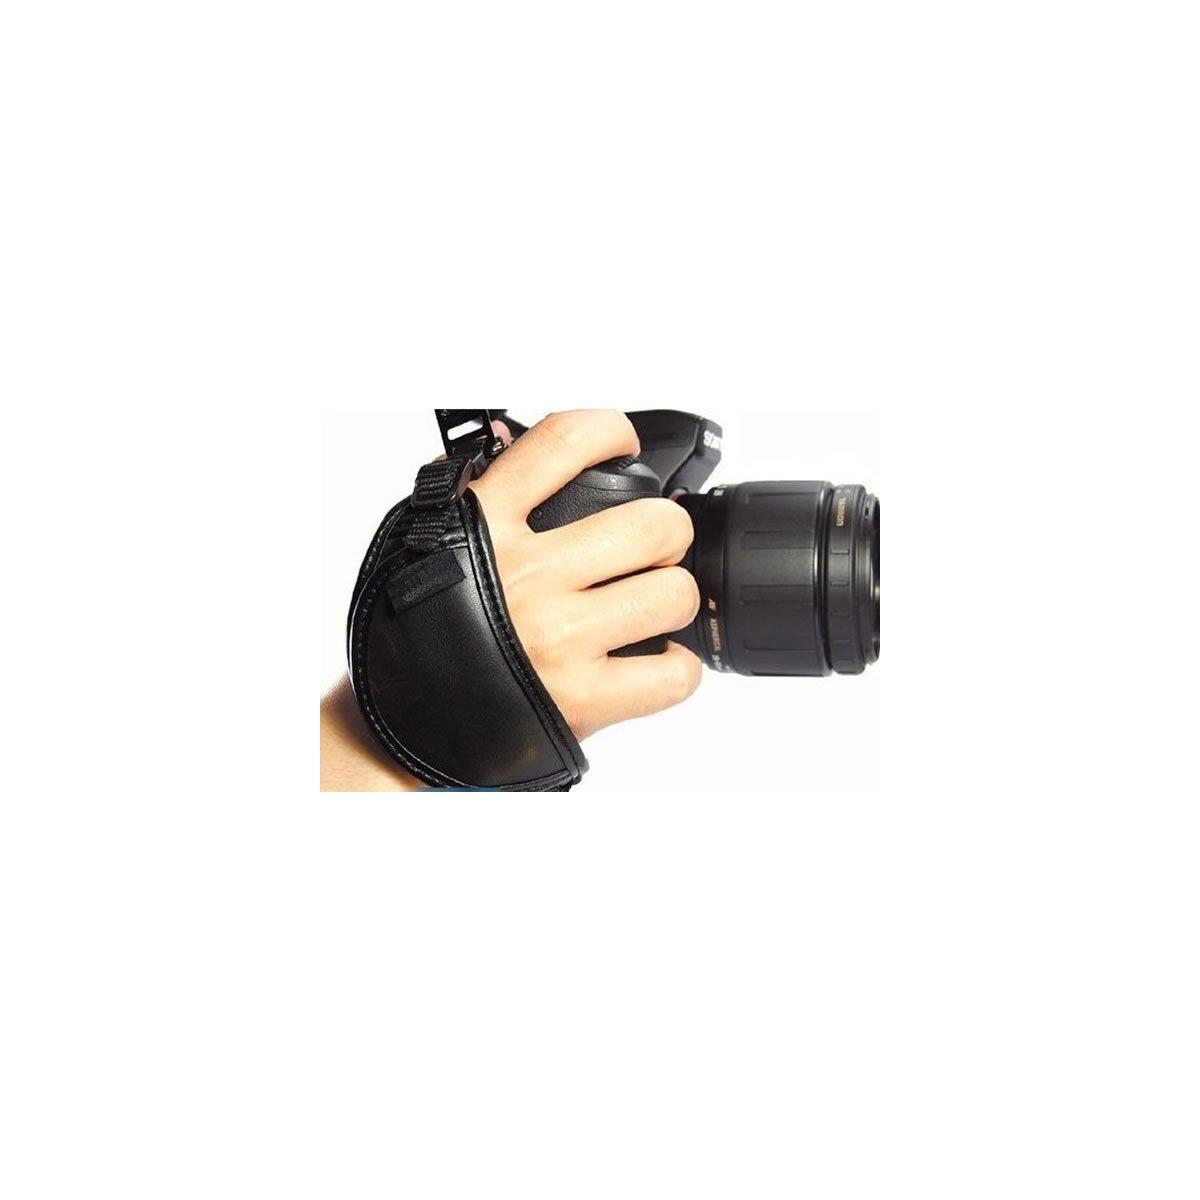 Handschlaufe, Handgriff für DSLR Kameras und Bridgecams, Echtes Leder, Camera Hand Strap HS-A, passend bei fast allen Modellen